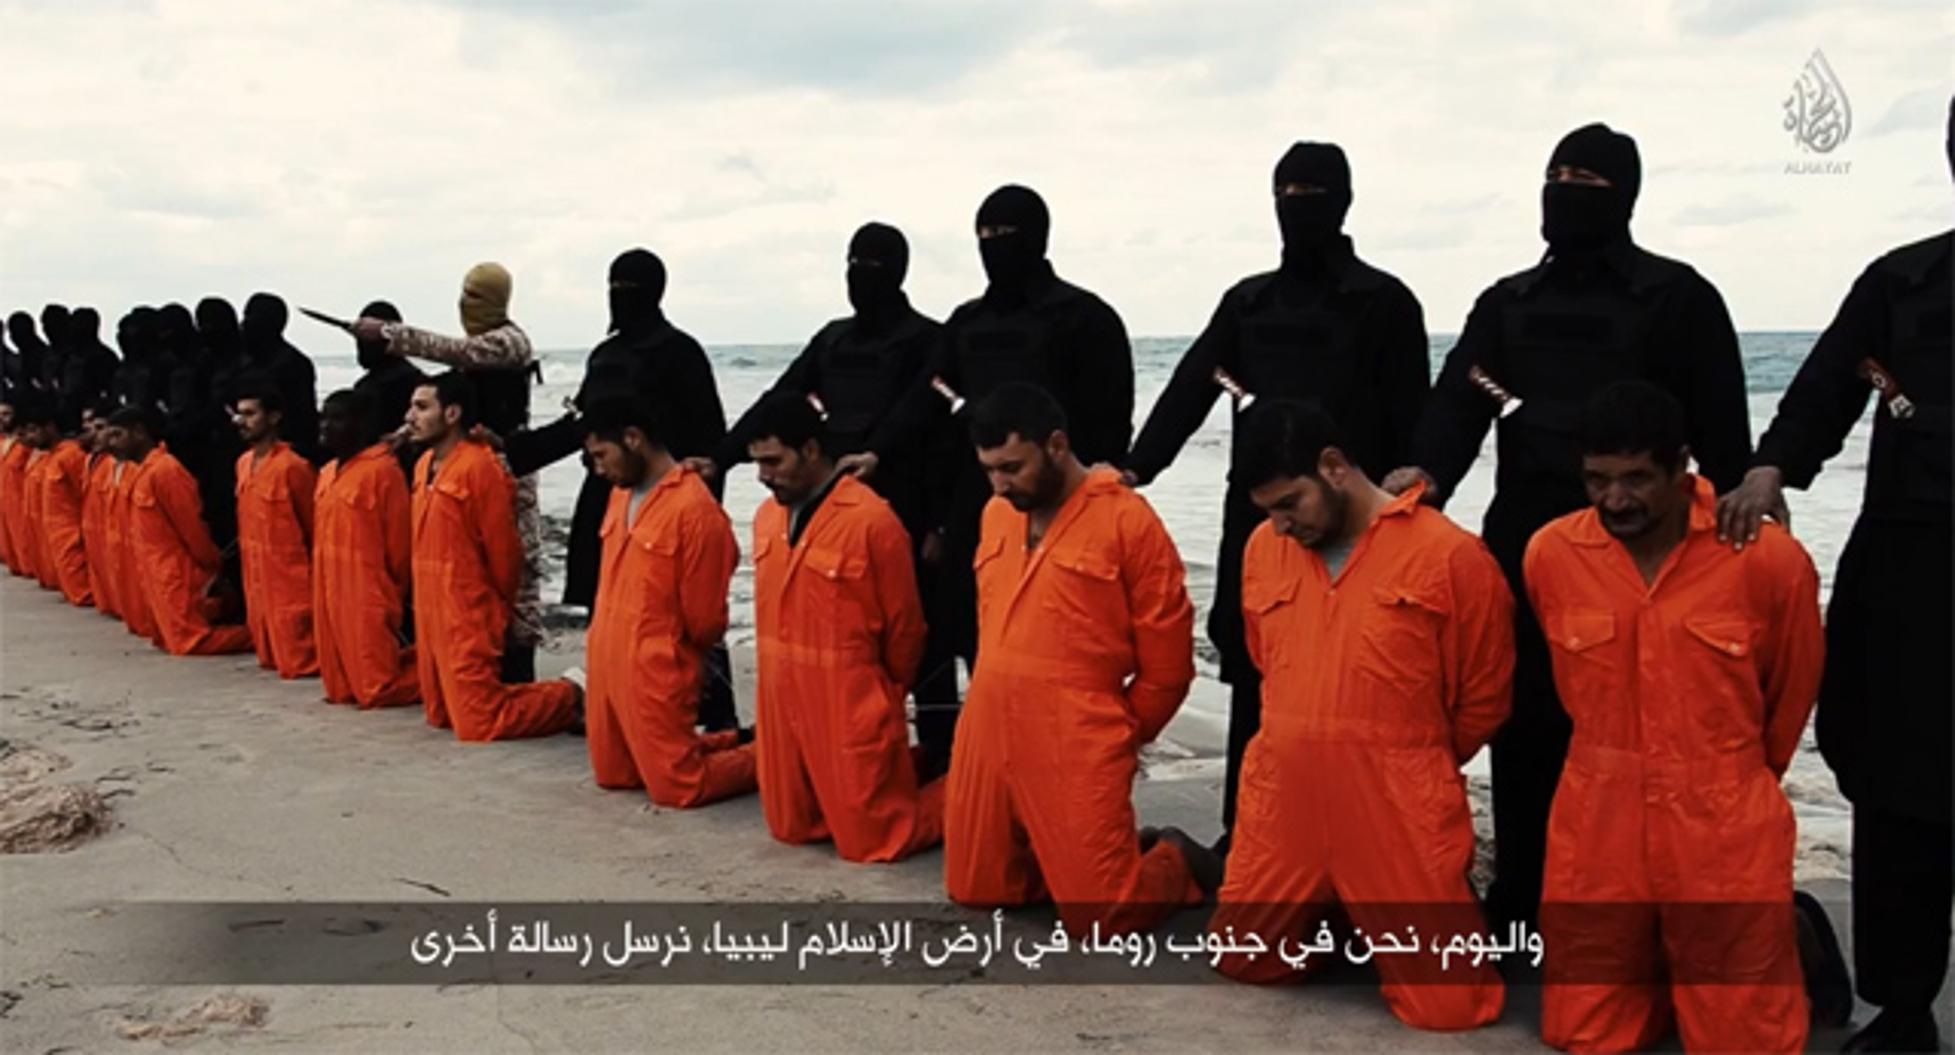 Islam a prześladowania Chrześcijan